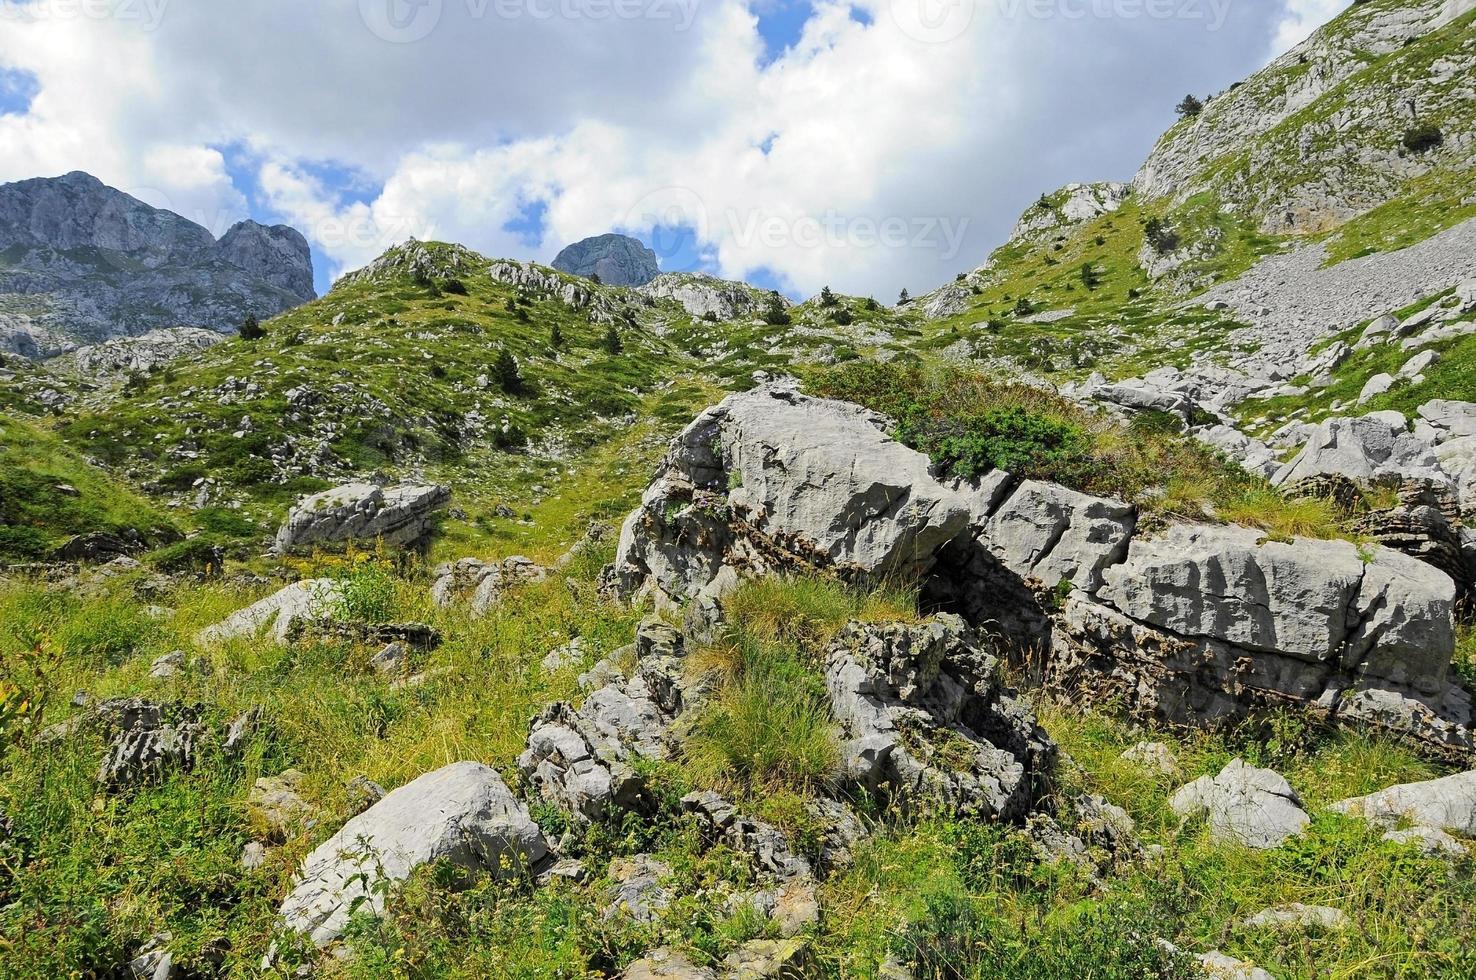 montanhas prokletije foto